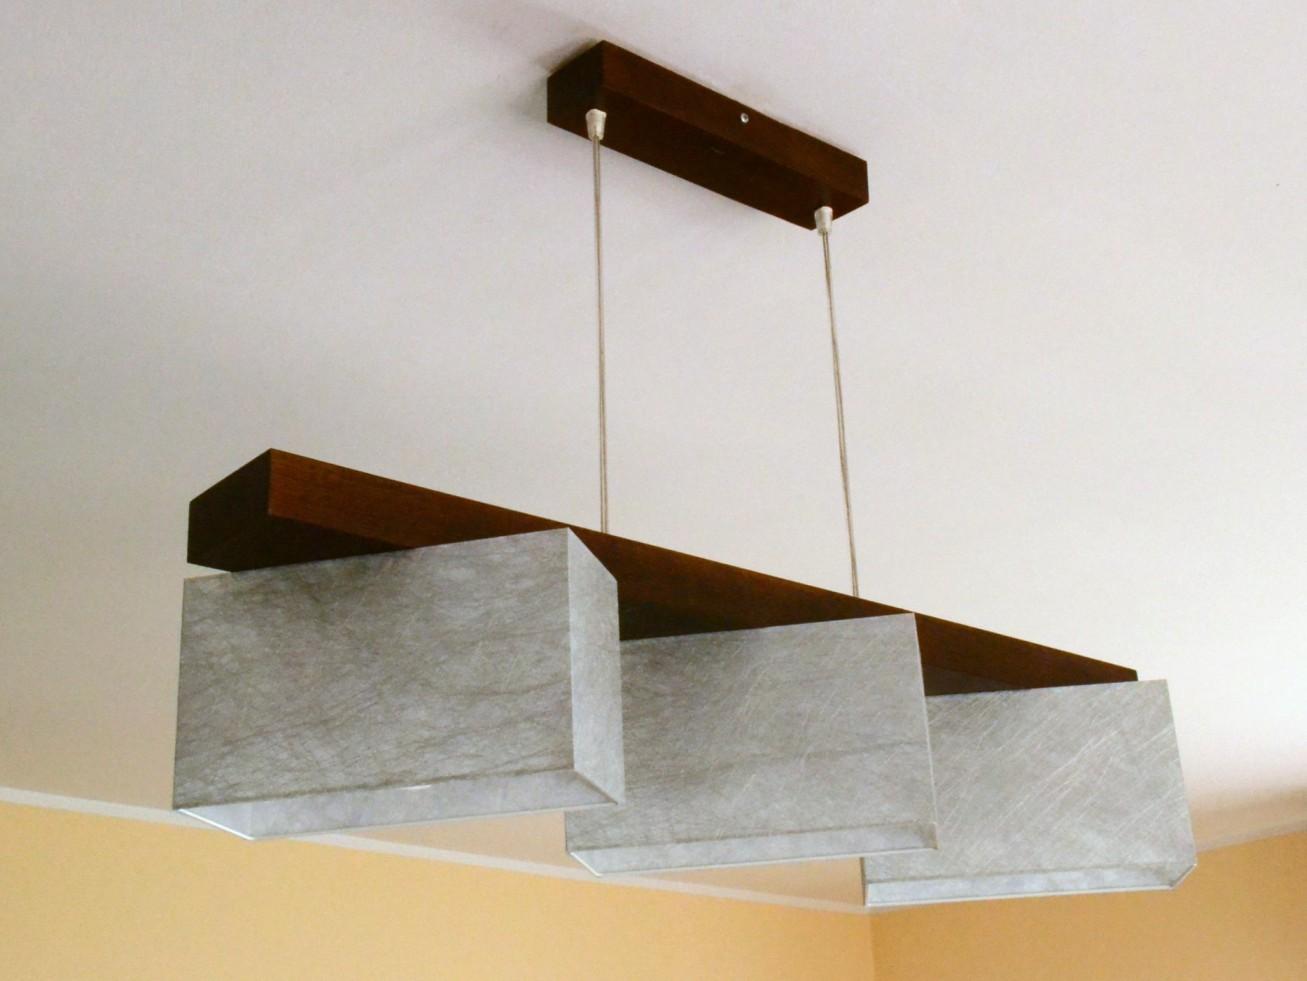 h ngelampe aus holz h ngelampen h ngelampe treibholz h ngeleuchte holz inkl h ngelampen h. Black Bedroom Furniture Sets. Home Design Ideas